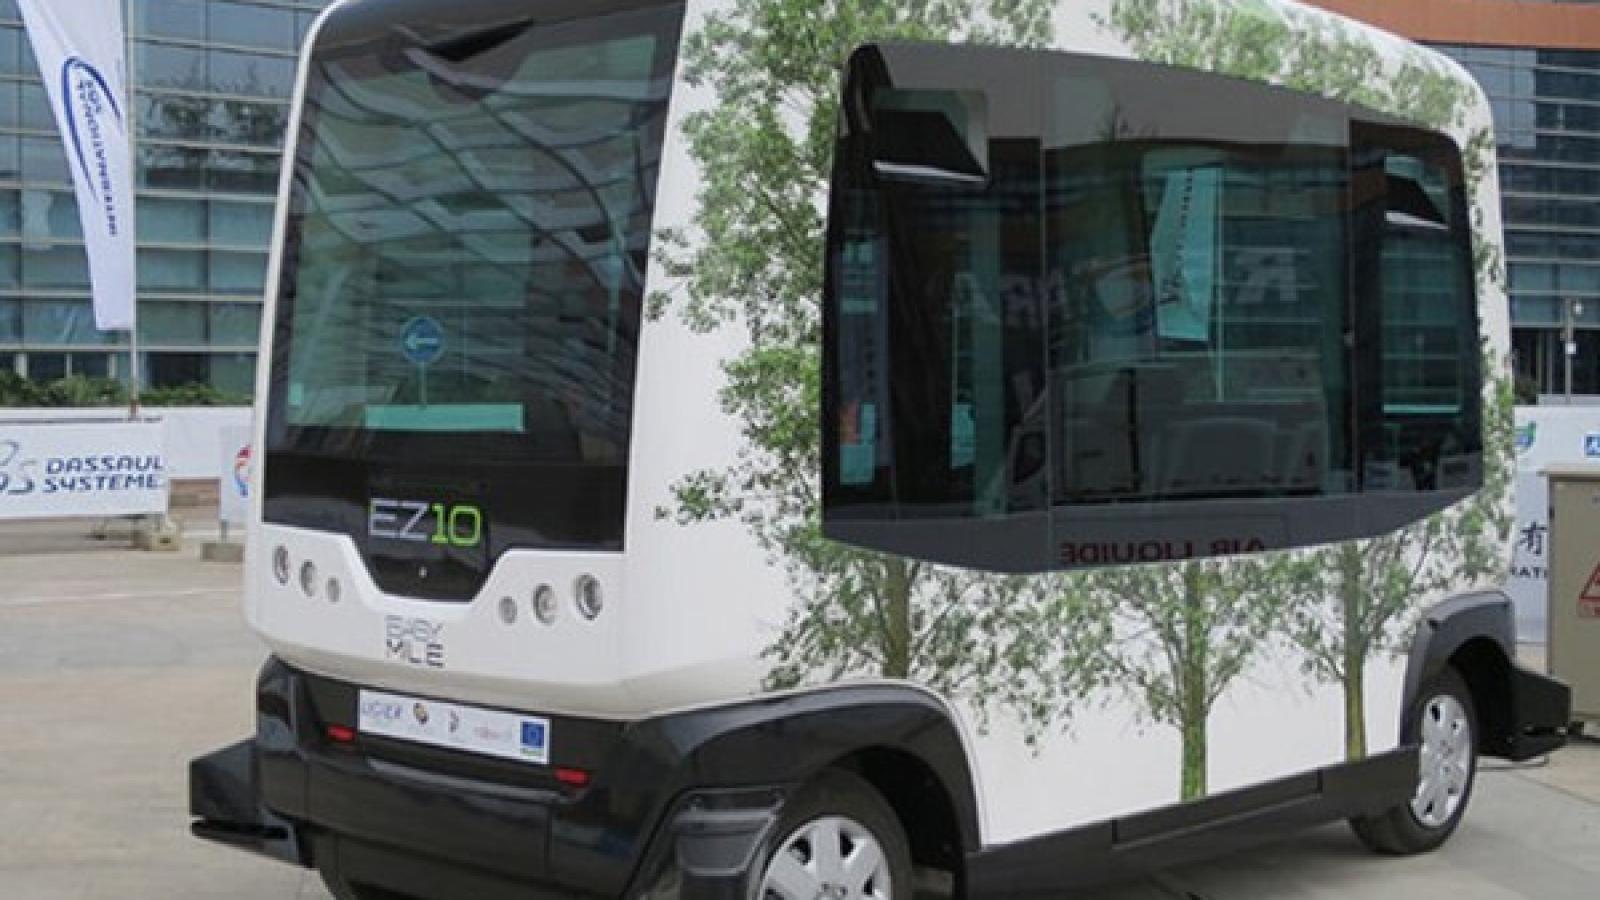 اتوبوس خودران EZ10 وارد خیابان های هلسینکی می شود - اجاره خودرو طباطبایی